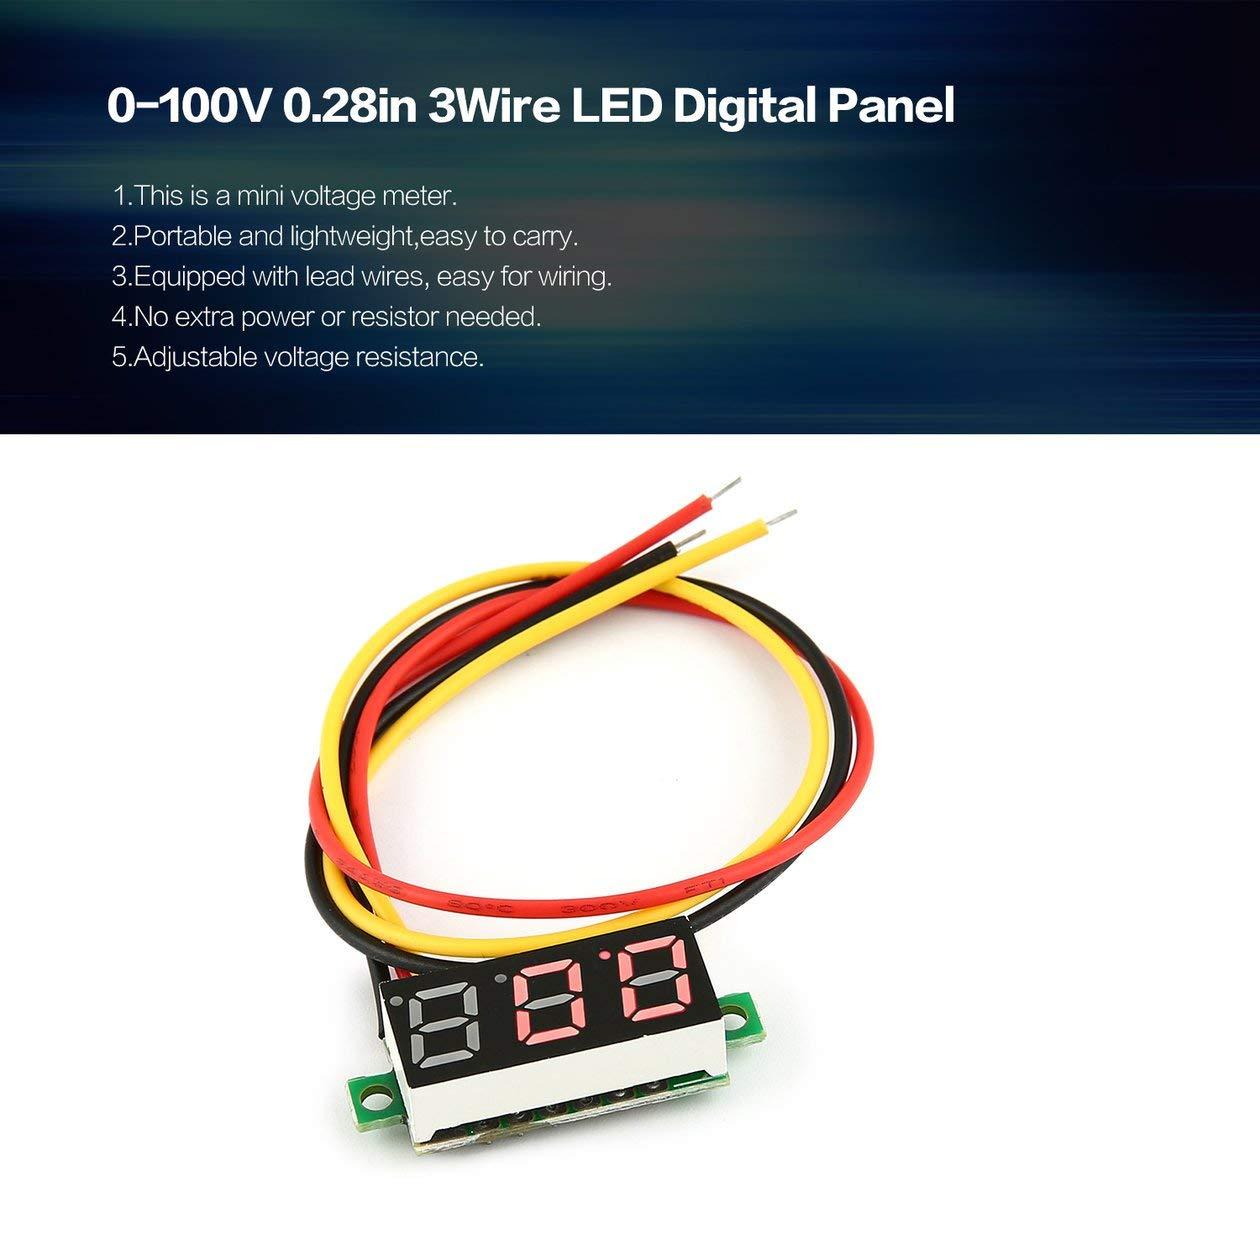 couleur: noir 0-100V 0.28in 3 fil LED Panneau daffichage num/érique Voltm/ètre Voltm/ètre /Électrique Voltm/ètre Testeur pour Auto Batterie Voiture MotorcycleRed